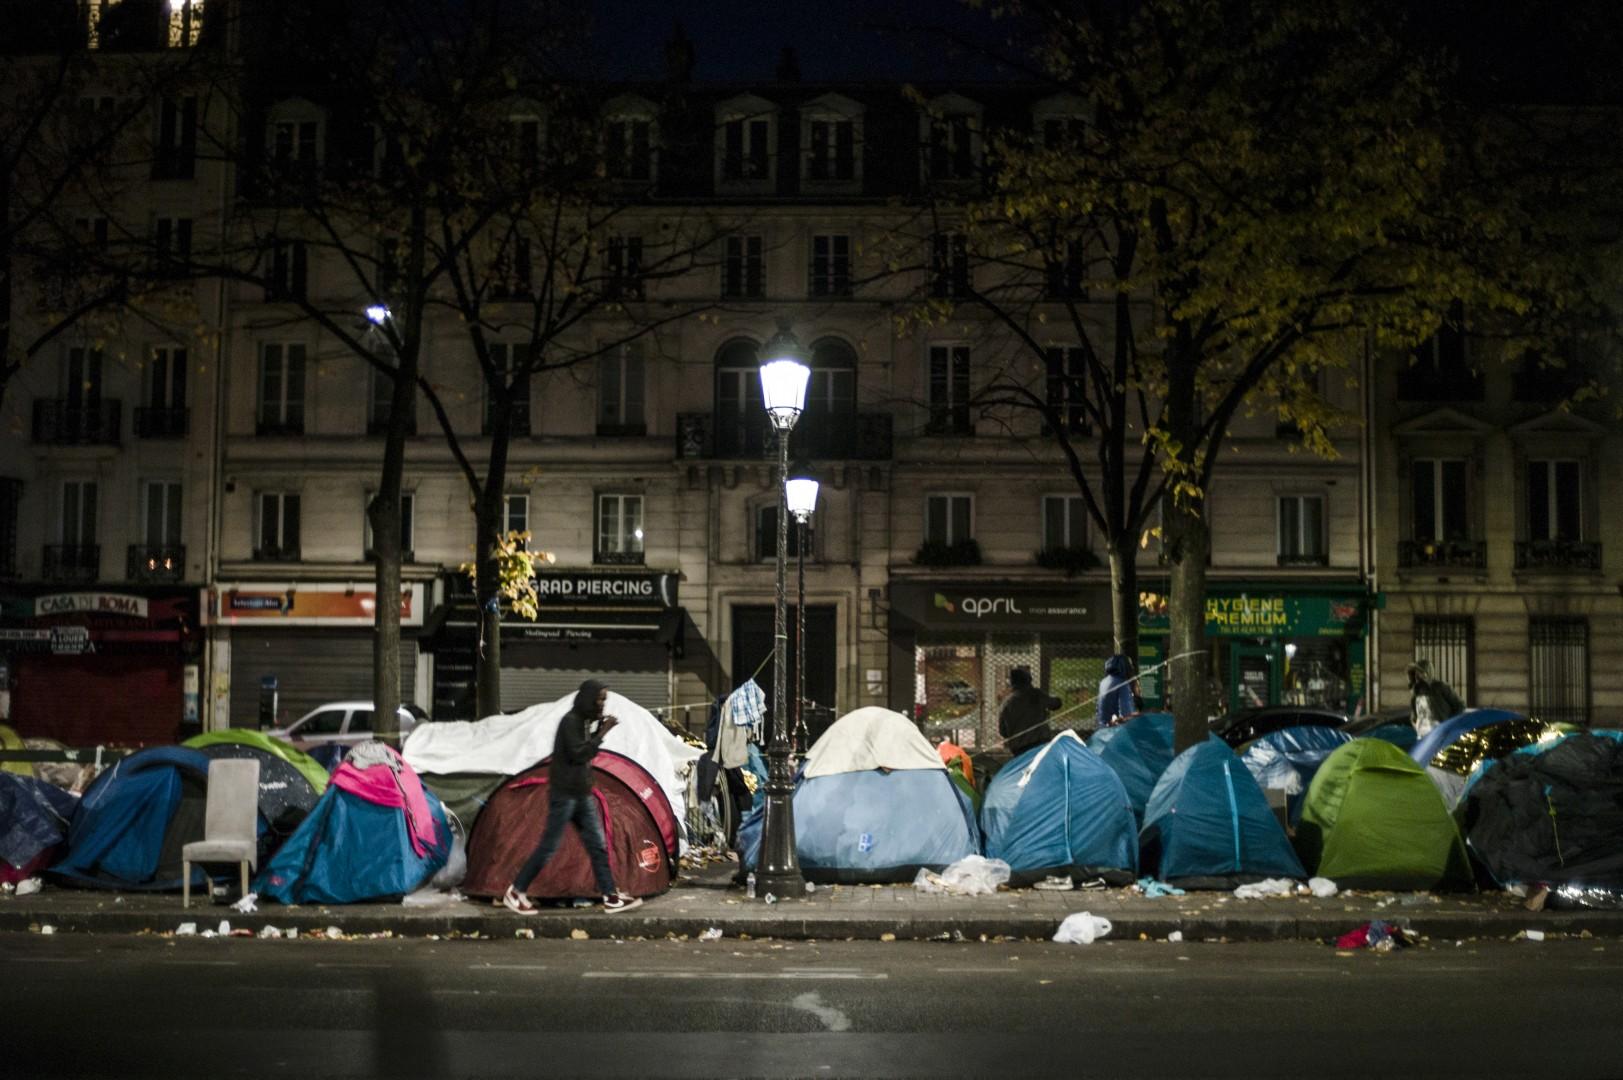 Šotorišče migrantov v Parizu (Foto: epa).